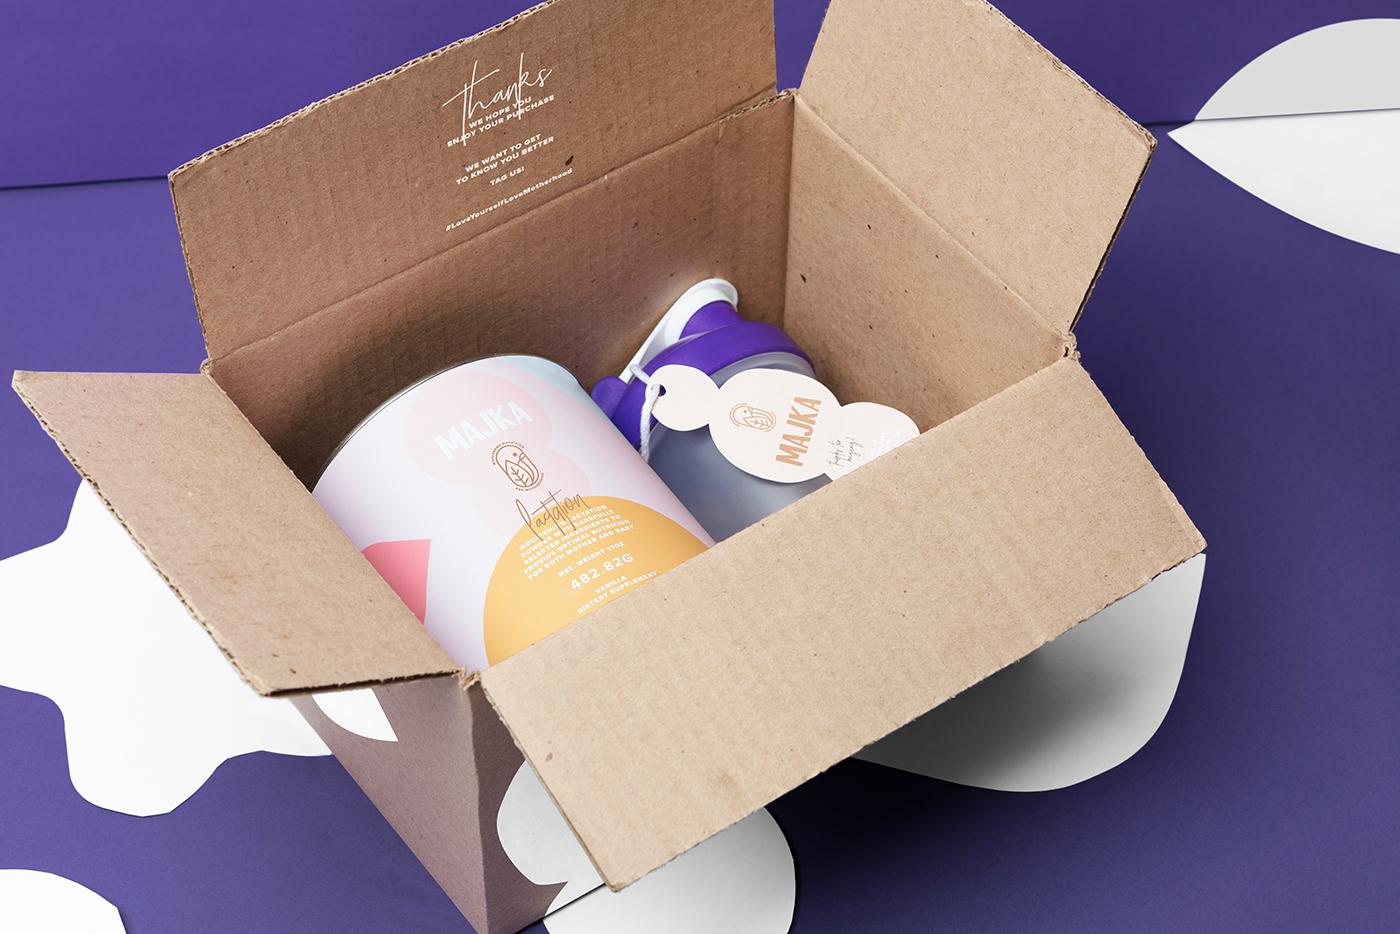 Majka 产品包装设计 欣赏-第18张